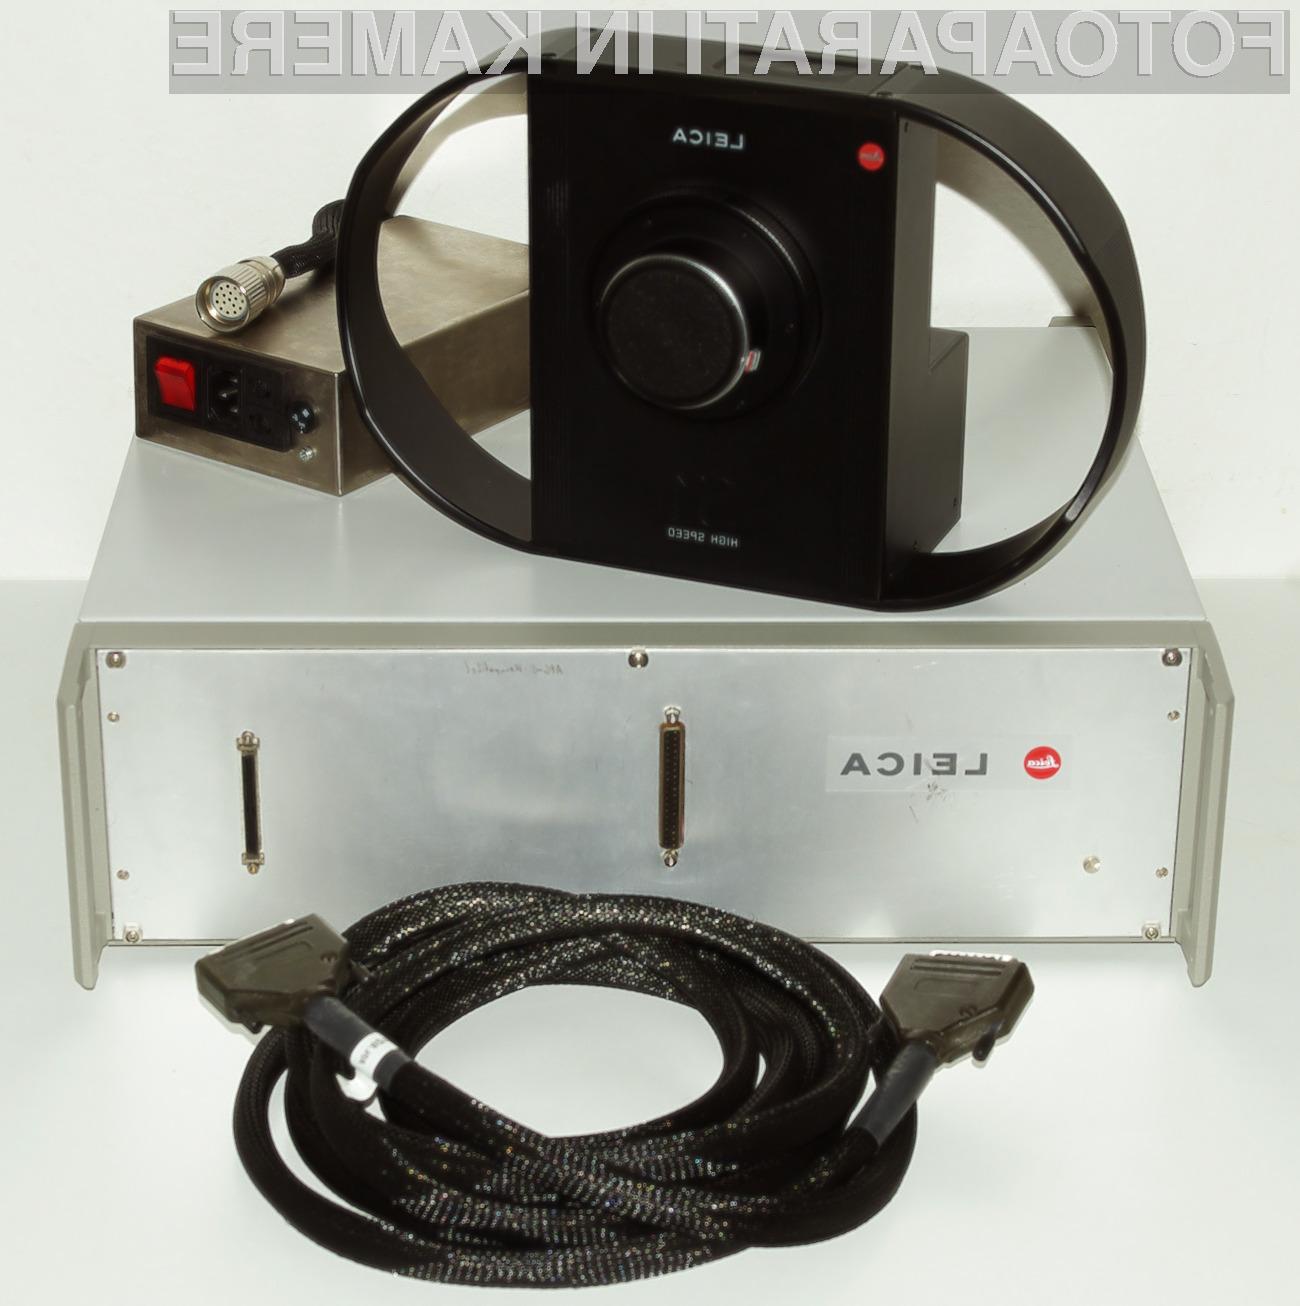 Leica S1 se je vpisal v zgodovino kot prvi digitalni fotoaparat namenjen množicam.